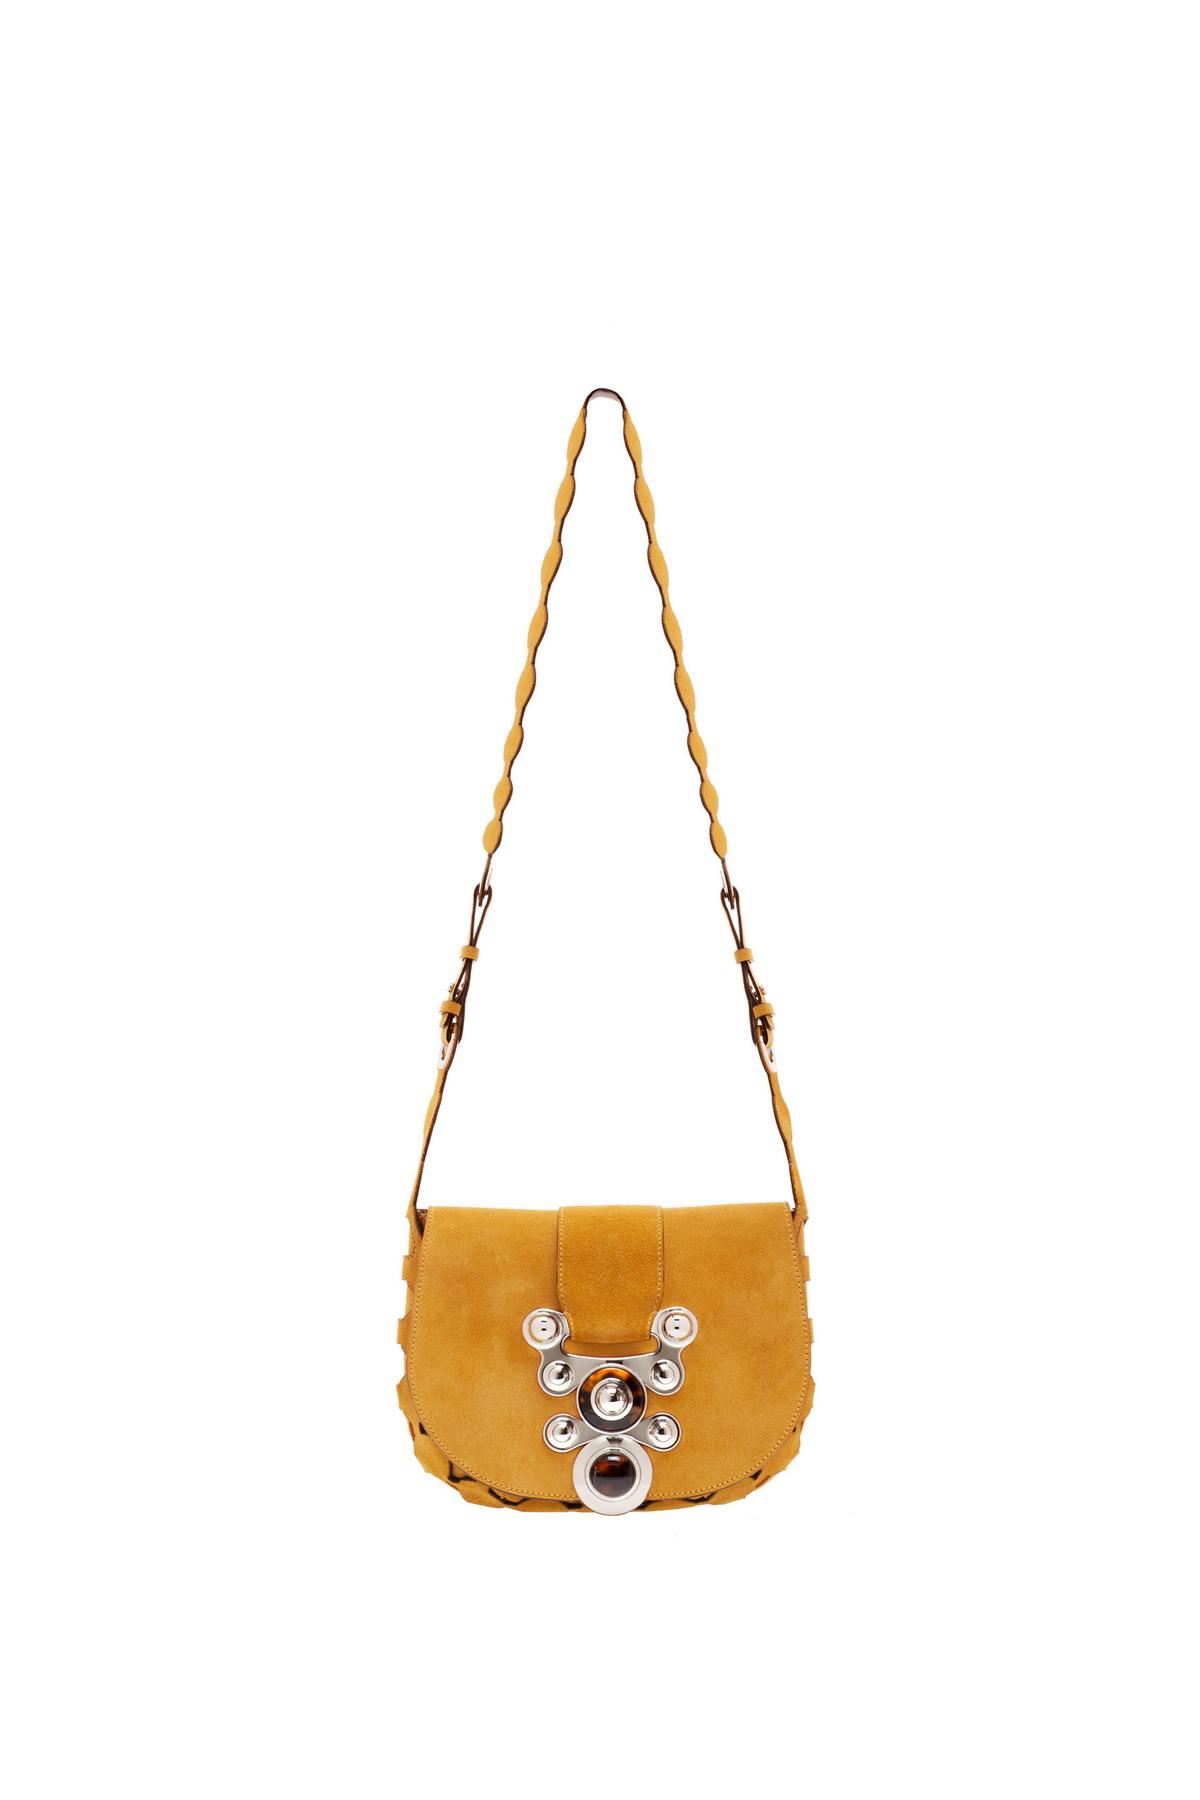 10_EmilioPucci_accessories_SS2015_ridimensionare